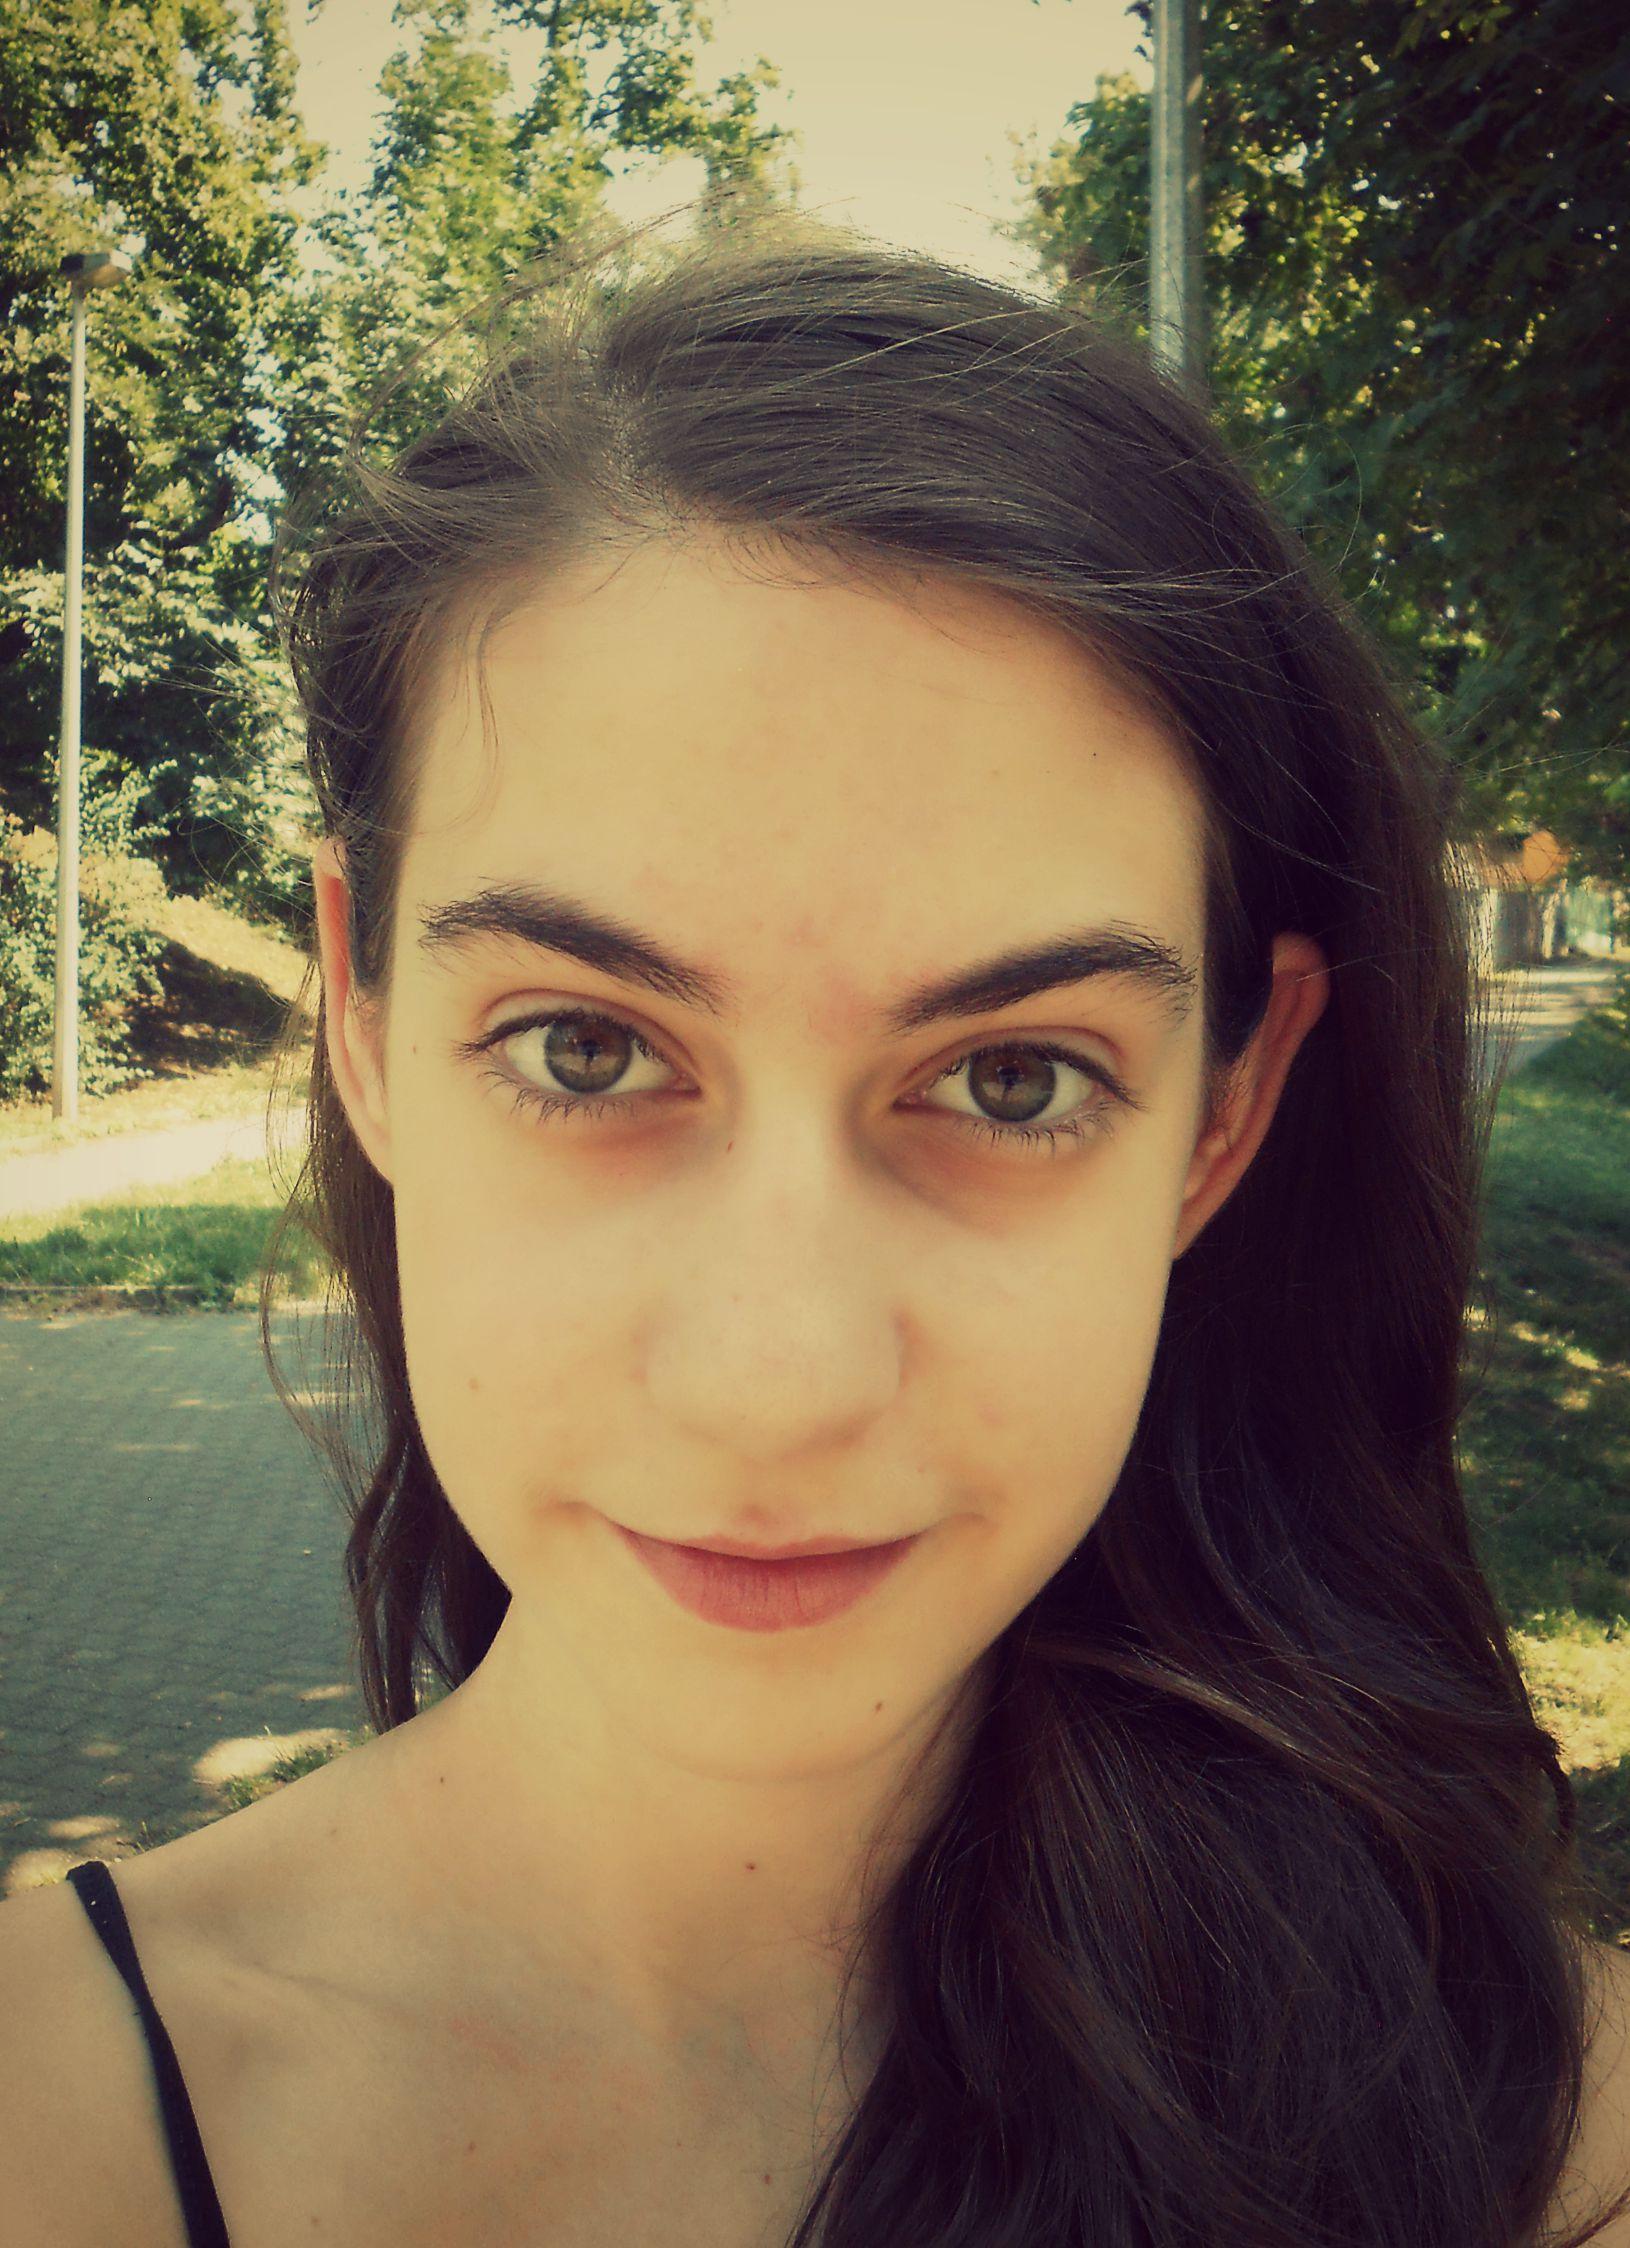 fotografie studenta Sloupová Lenka